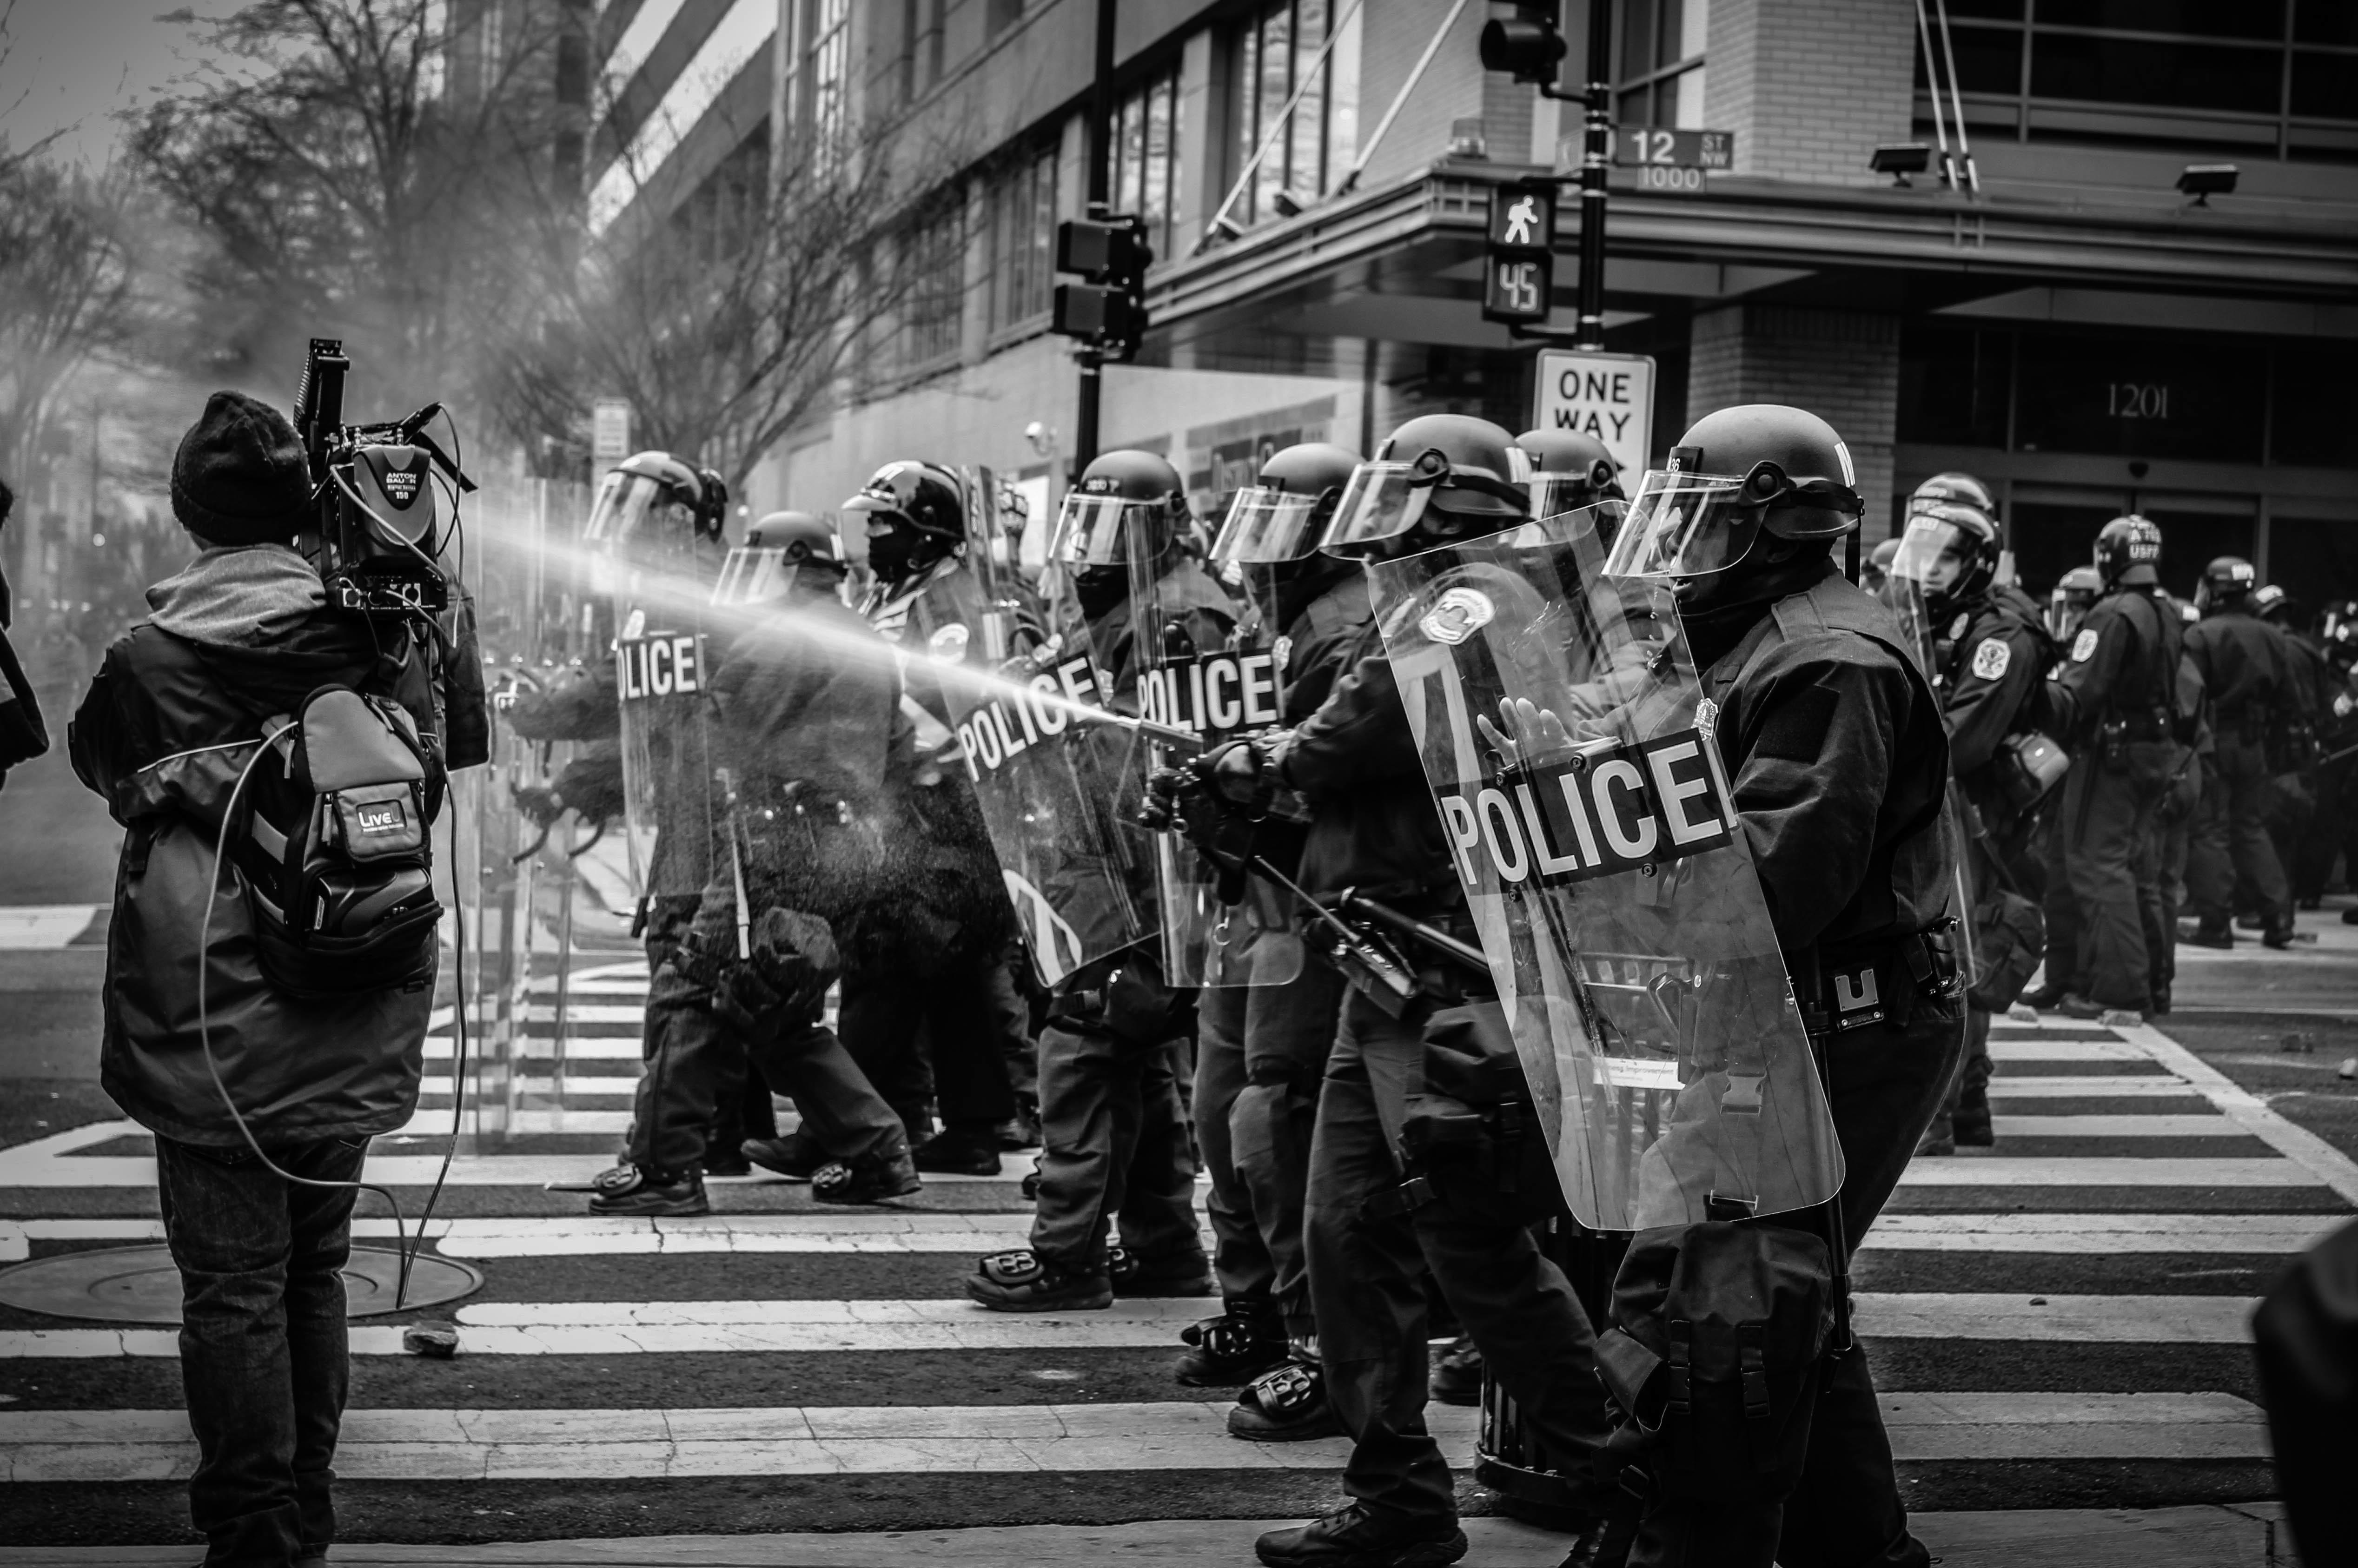 обои : люди, толпа, Черный, черное и белое, Монохромная фотография ...   3373x5072